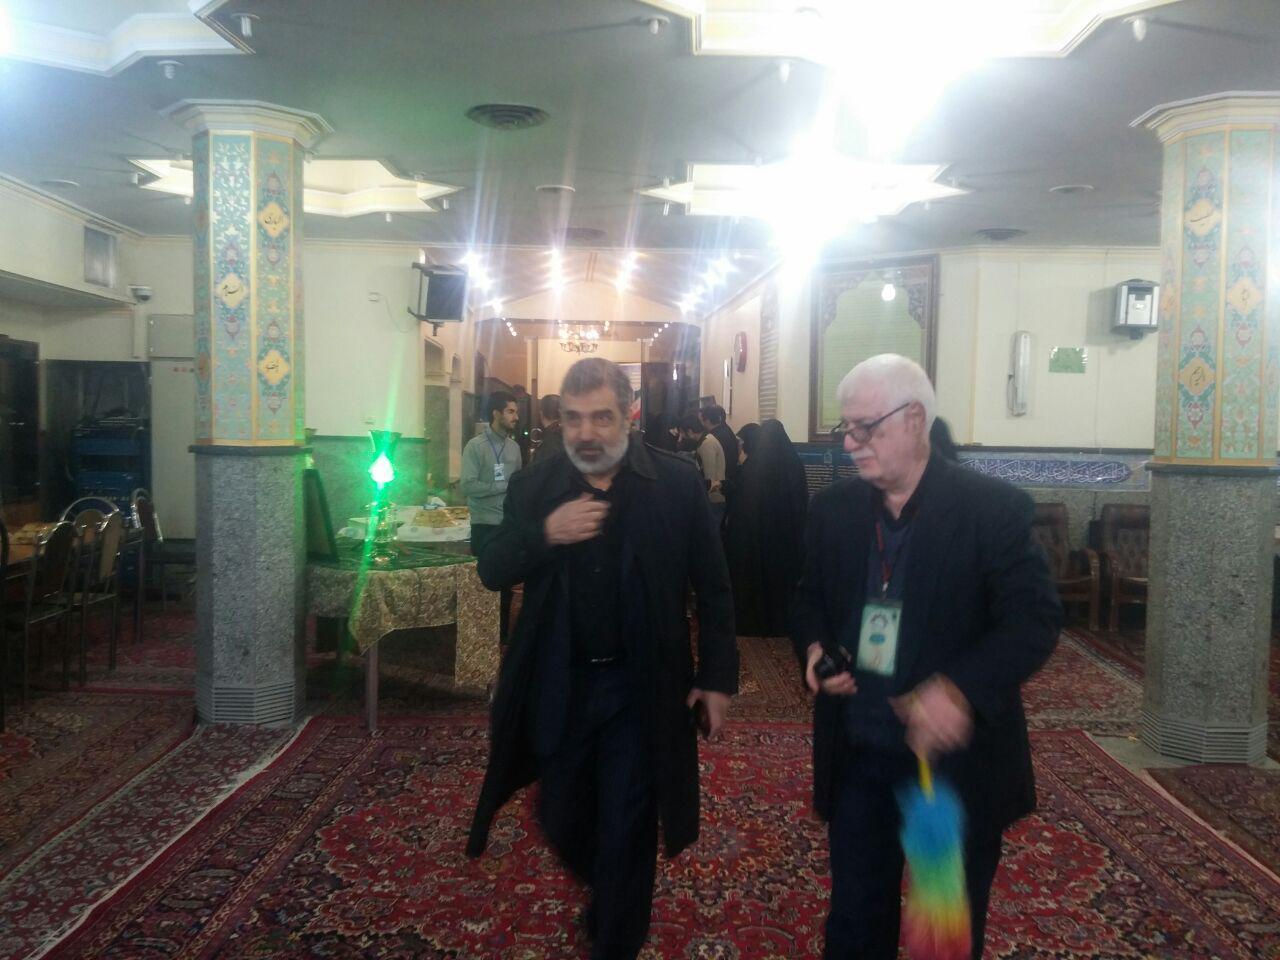 مراسم گرامیداشت شهید مجید شهریاری برگزار شد